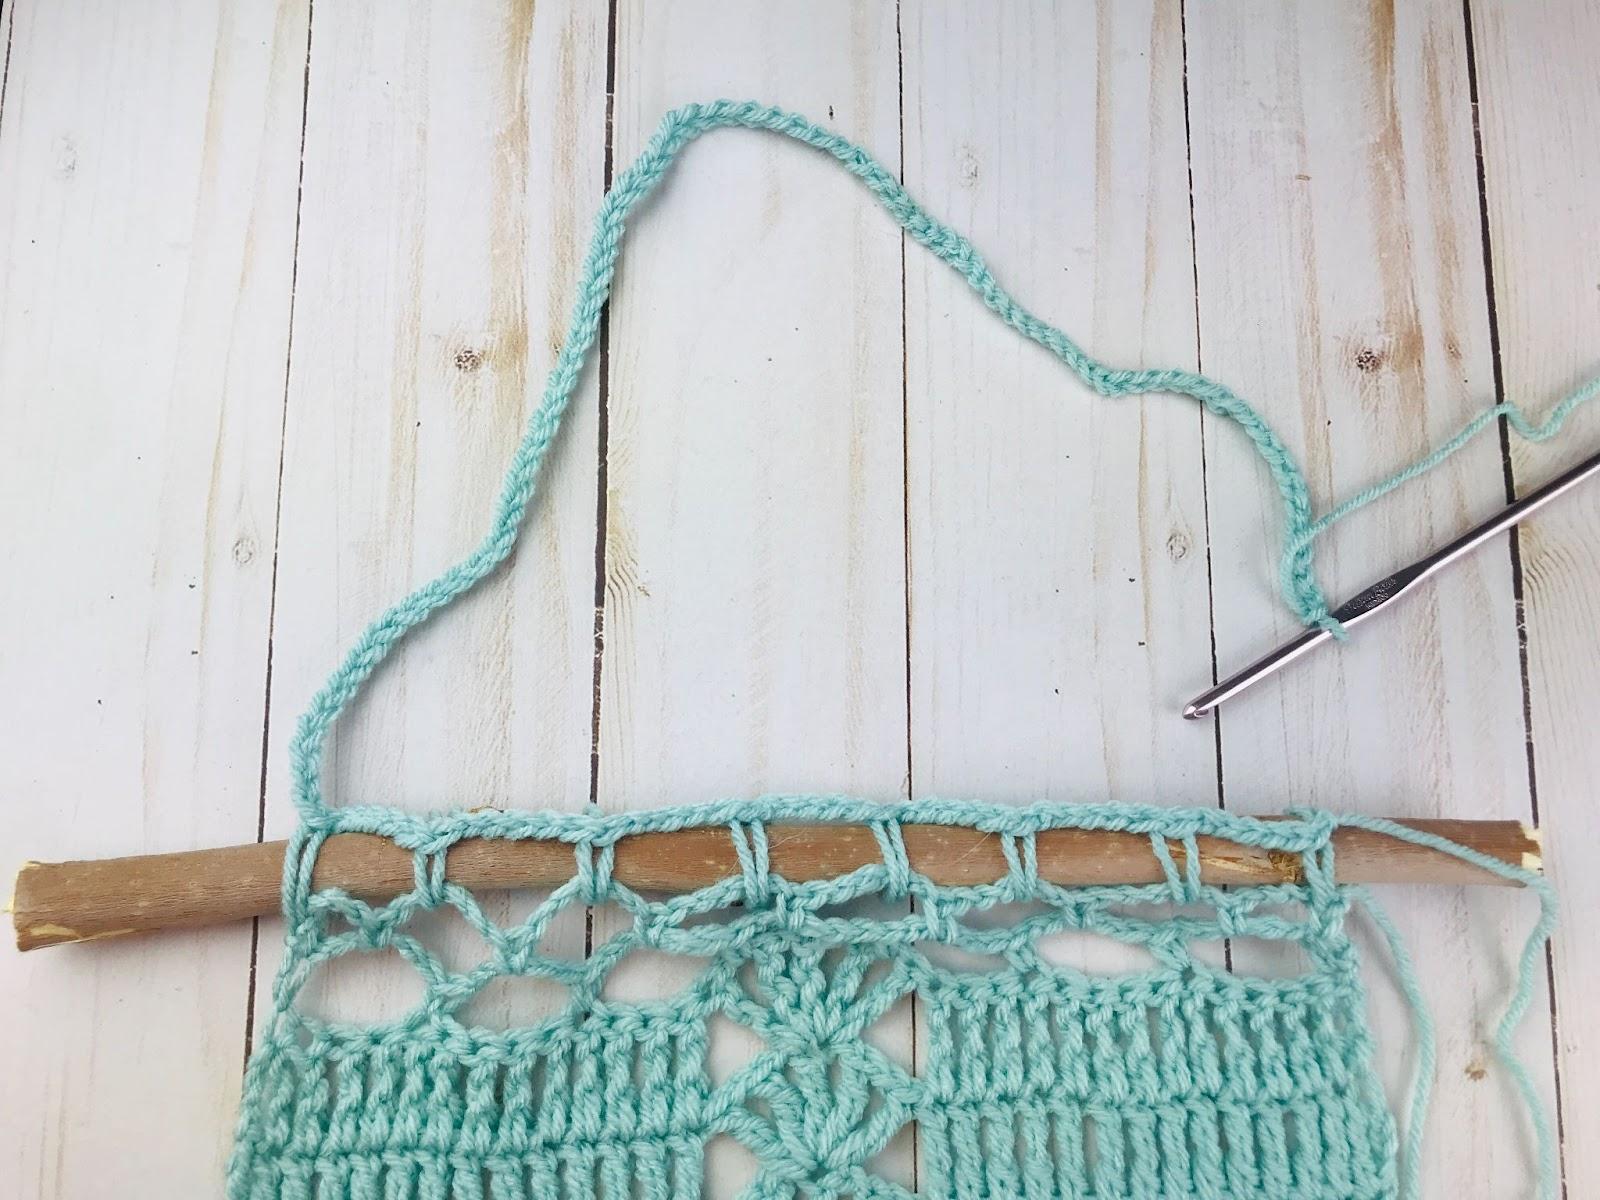 crochet wall hanging hanger tutorial